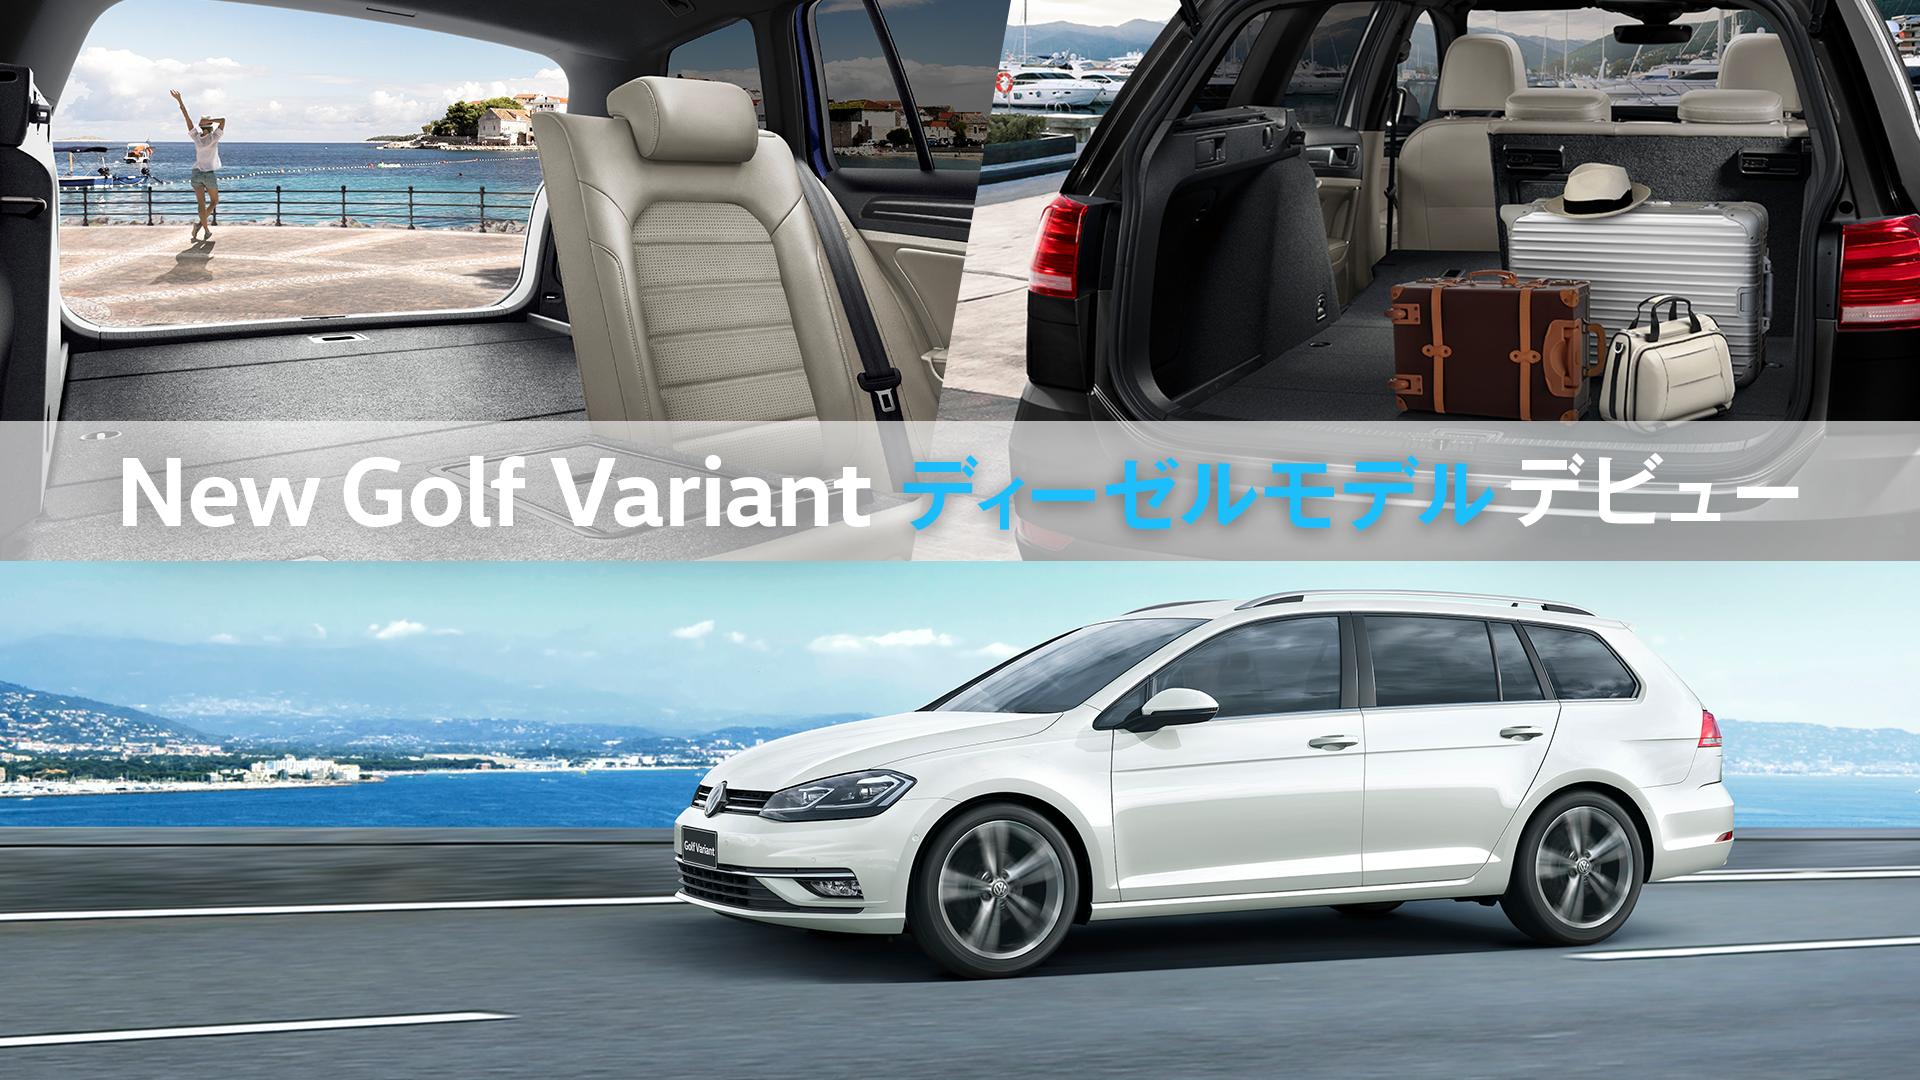 New Golf Variant ディーゼルモデルデビュー